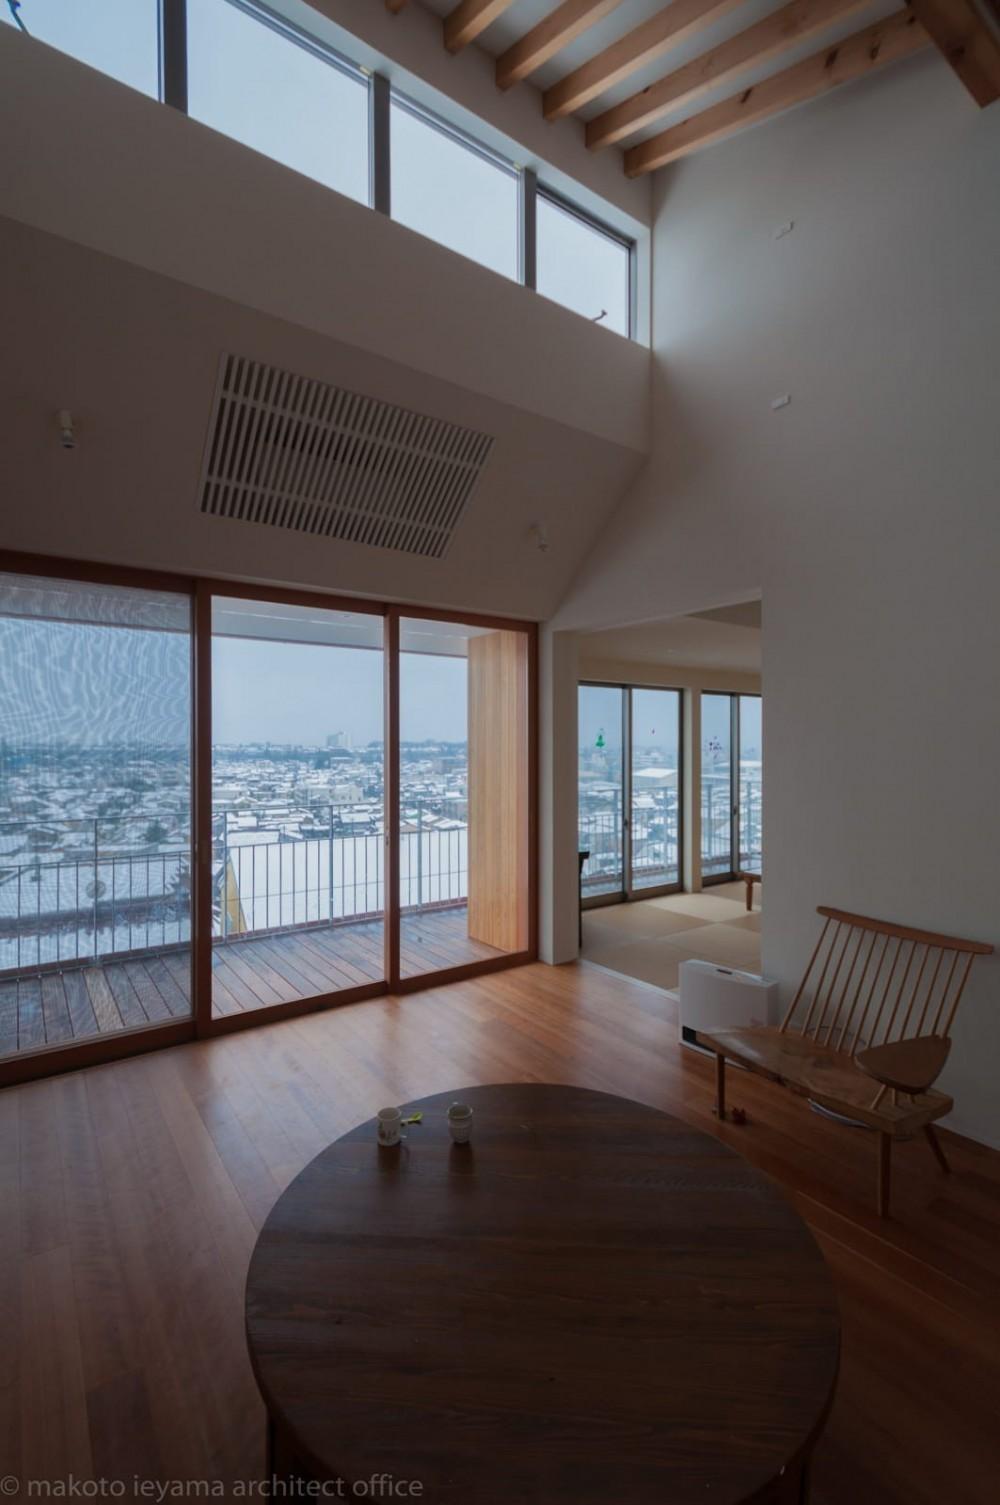 小立野台地の家|街を見下ろす眺望の良い家 (リビングからバルコニー越しに眺望が広がる)